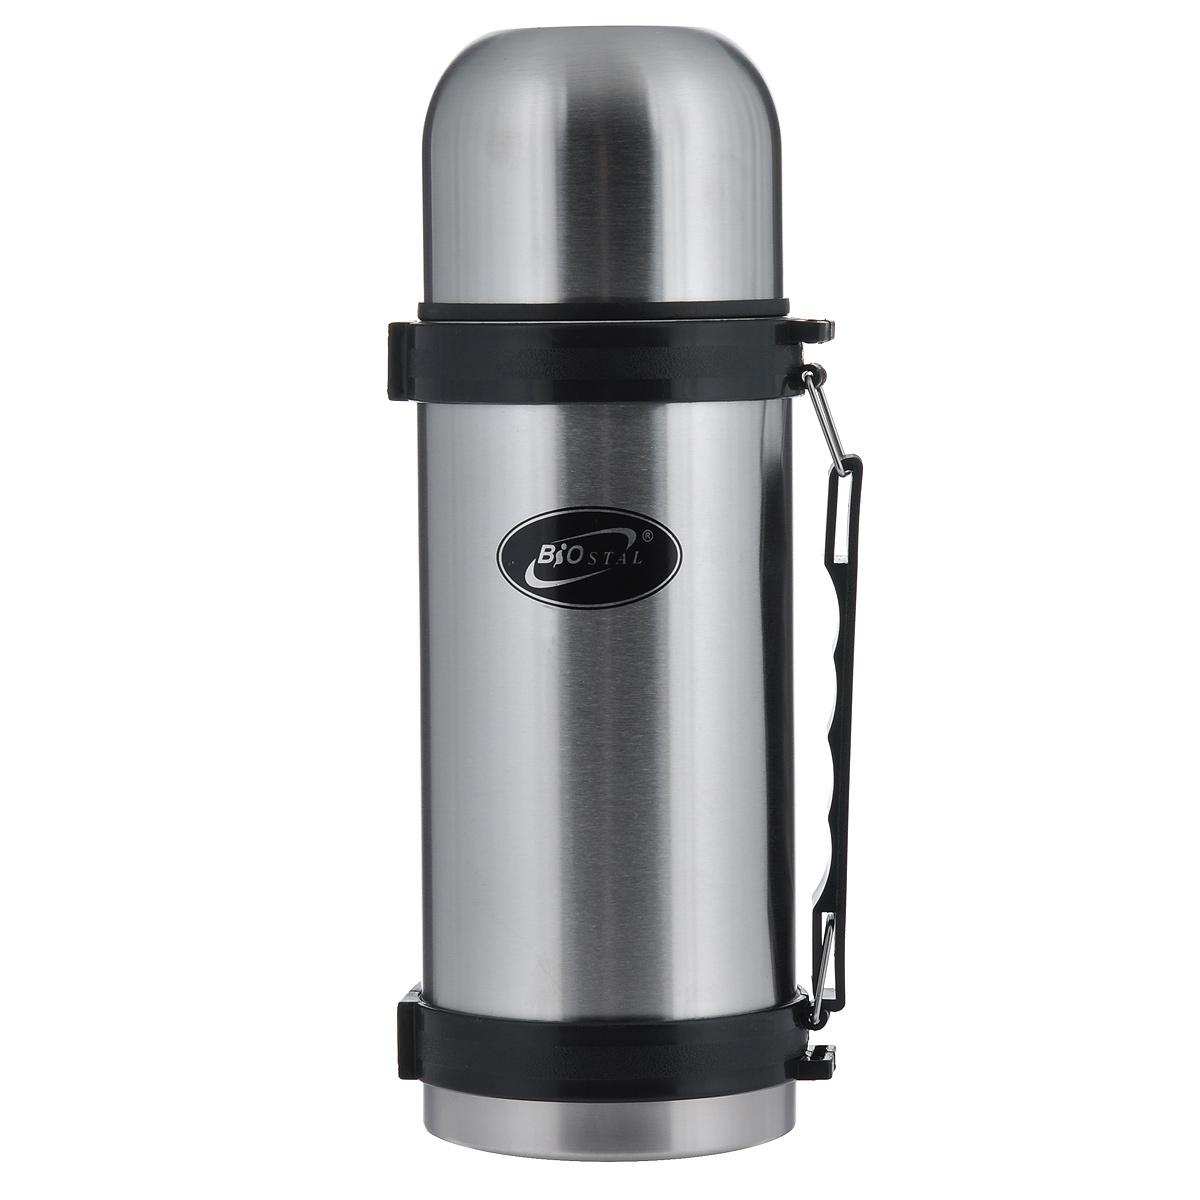 Термос BIOSTAL, 1,2 л. NY-1200-2NRP-1200Термос с узким горлом BIOSTAL, изготовленный из высококачественной нержавеющей стали, относится к классической серии. Термосы этой серии, являющейся лидером продаж, просты в использовании, экономичны и многофункциональны. Термос предназначен для хранения горячих и холодных напитков (чая, кофе) и укомплектован пробкой с кнопкой. Такая пробка удобна в использовании и позволяет, не отвинчивая ее, наливать напитки после простого нажатия. Изделие также оснащено крышкой-чашкой, и удобной пластиковой ручкой. Легкий и прочный термос BIOSTAL сохранит ваши напитки горячими или холодными надолго.